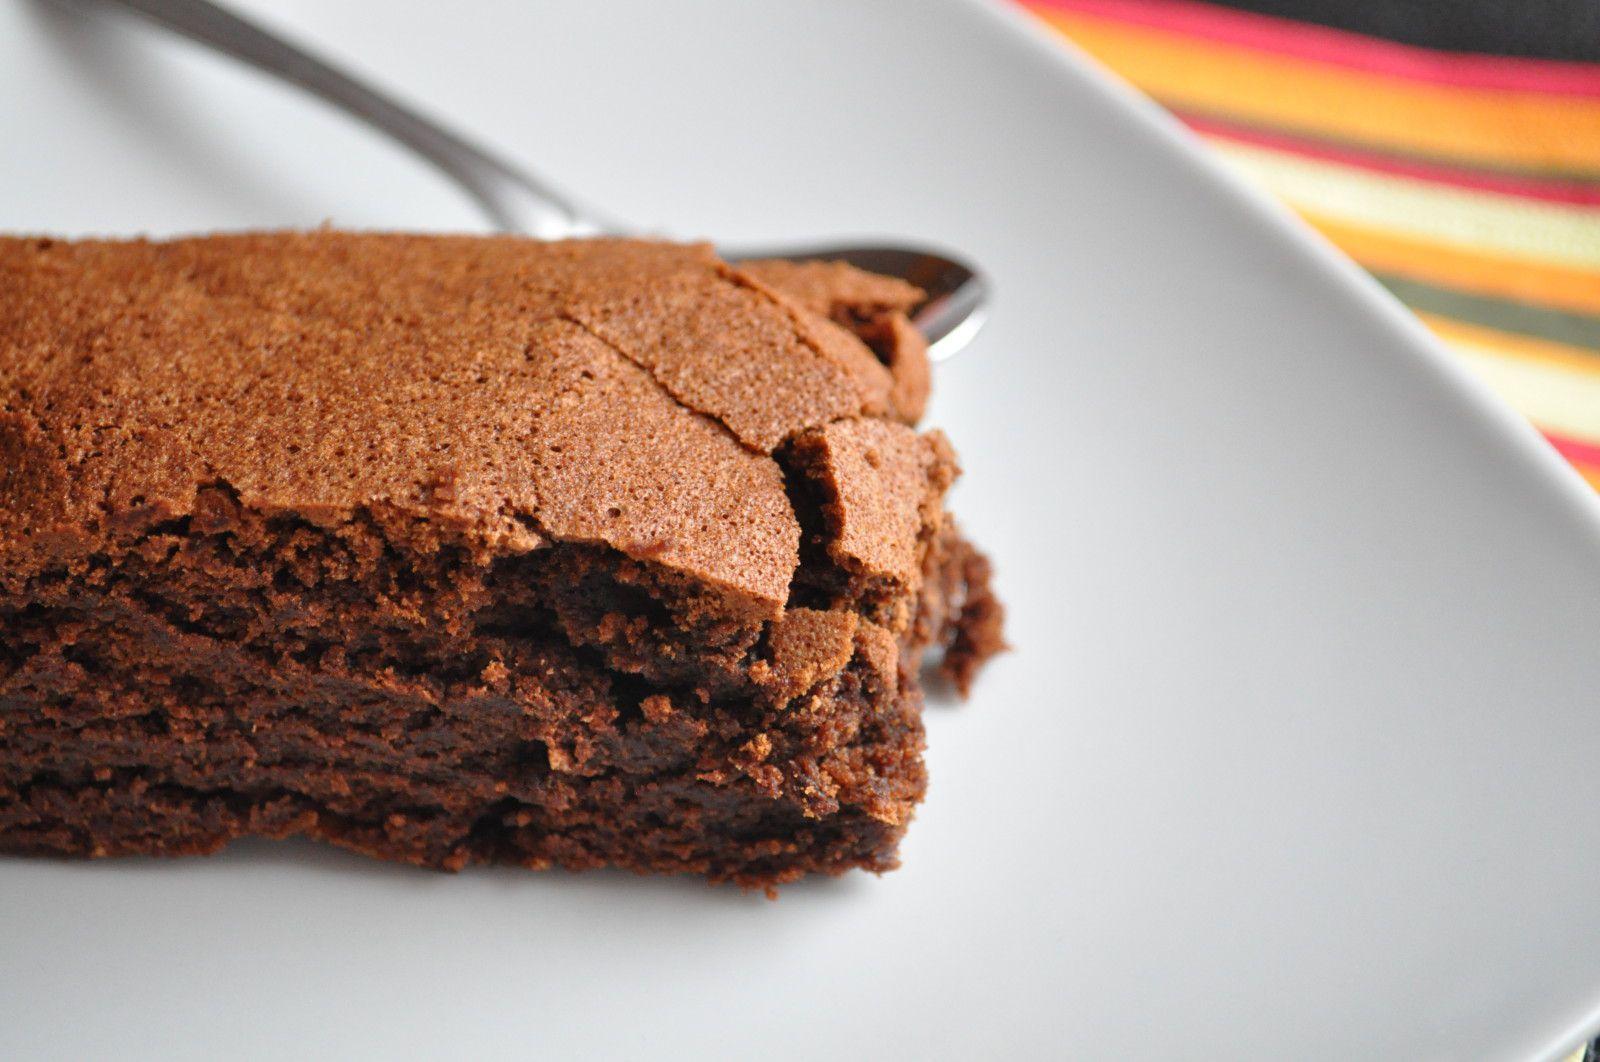 Recette de gateau au chocolat au thermomix